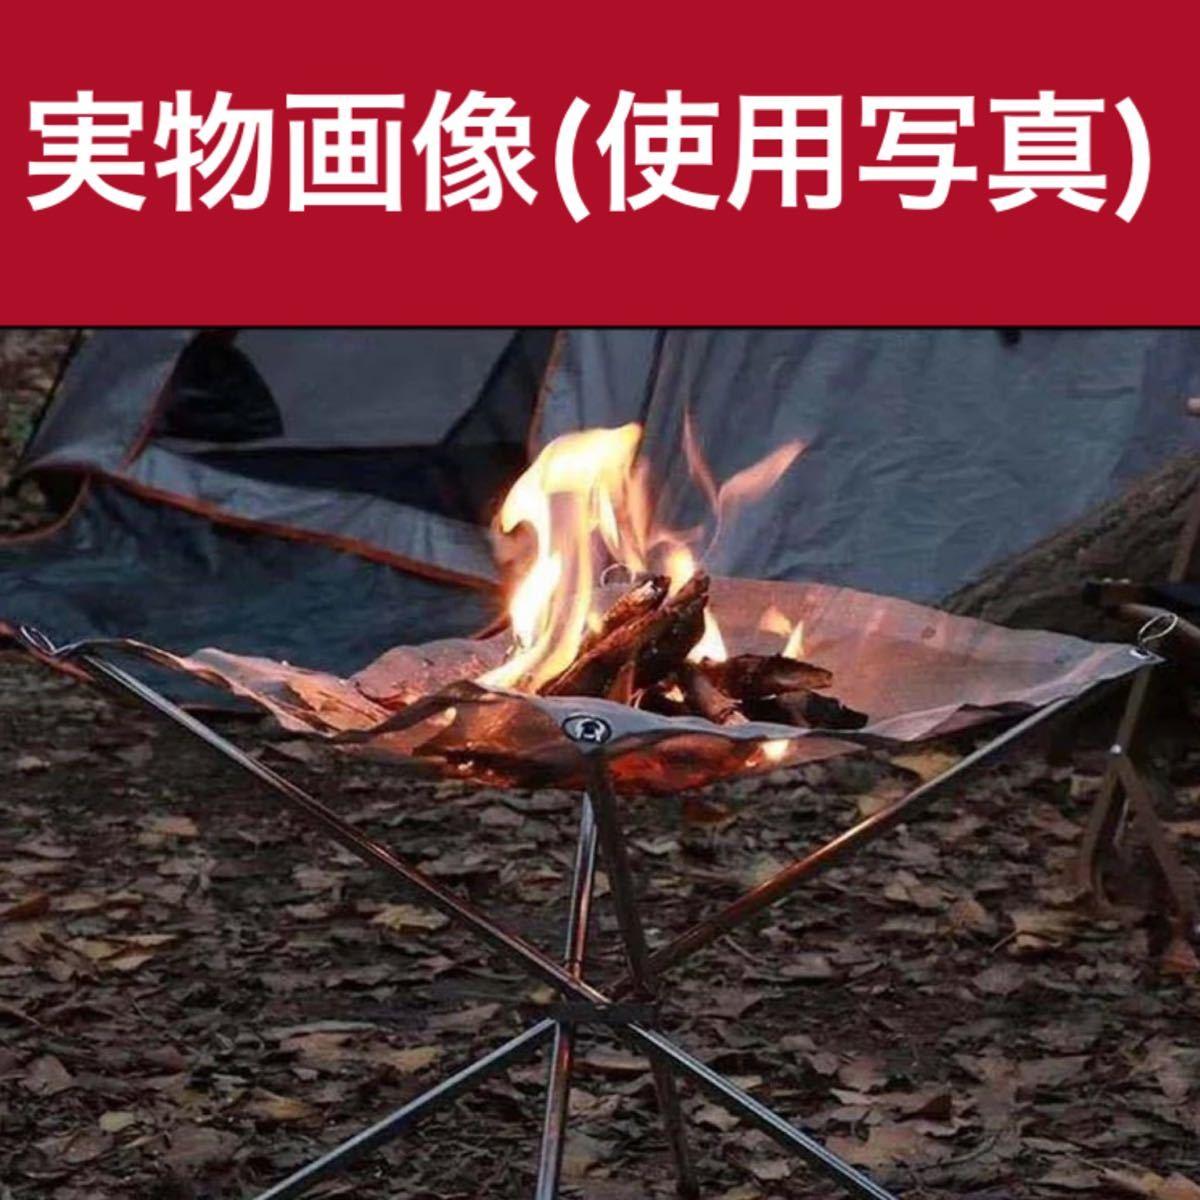 折り畳み式焚き火台 ソロキャン キャンプポータブルゆるキャンツーリング